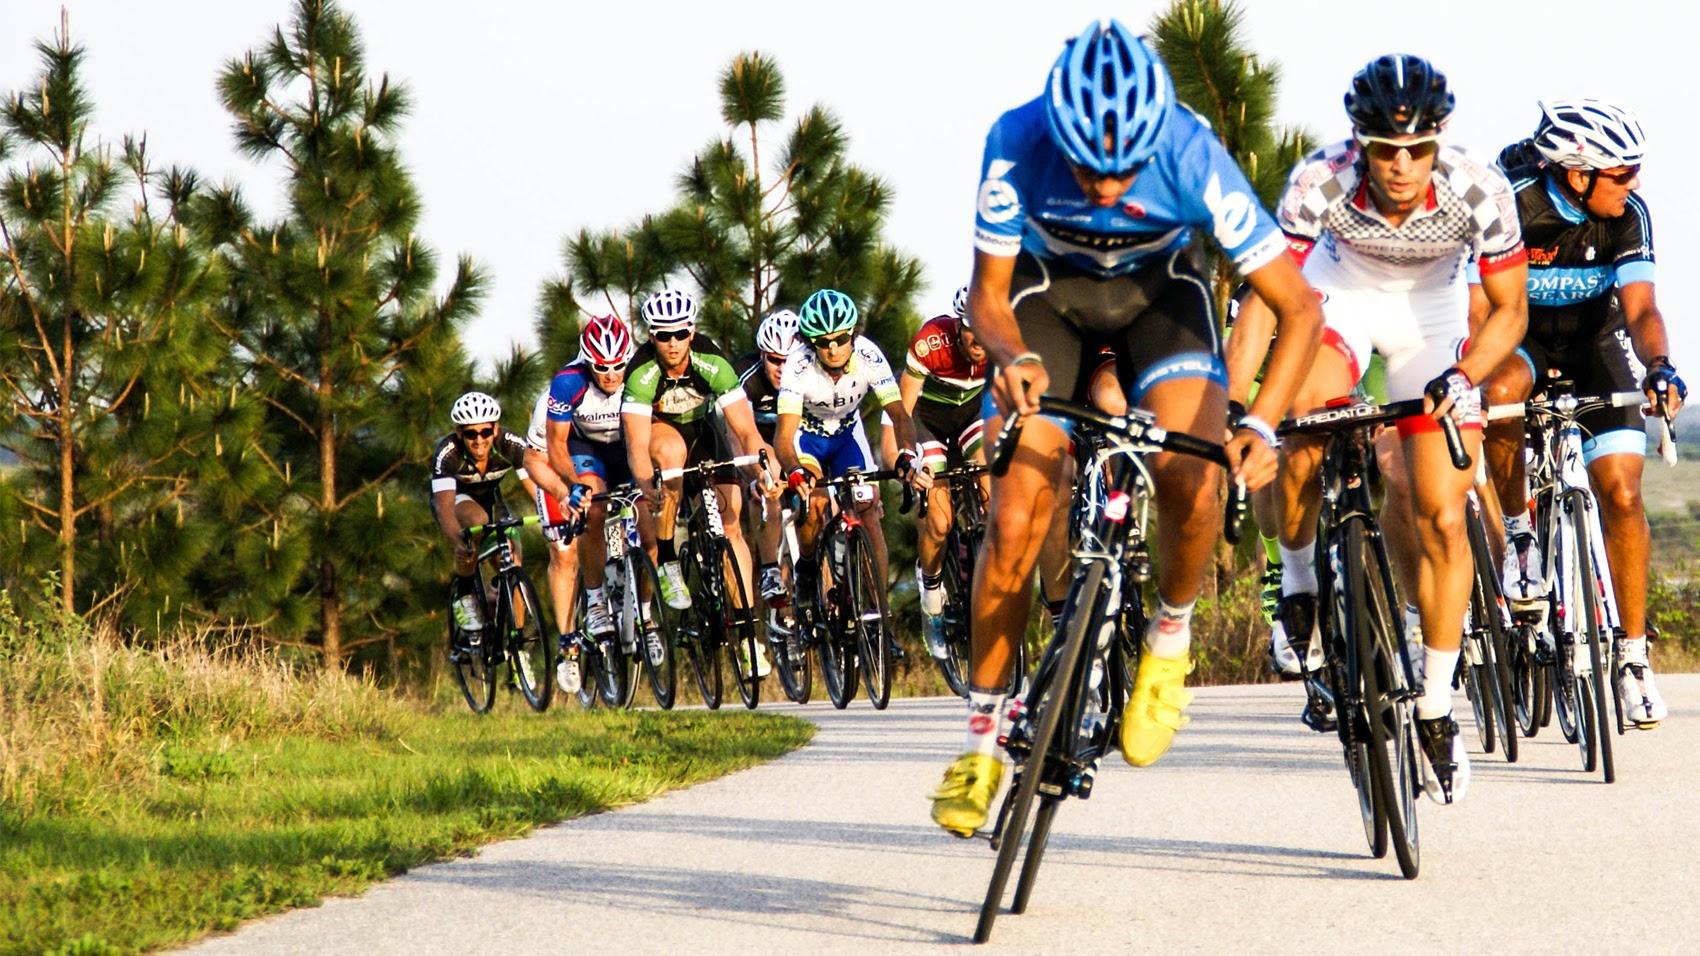 Bicycle Road Racing Wallpaper Wallpapersafari